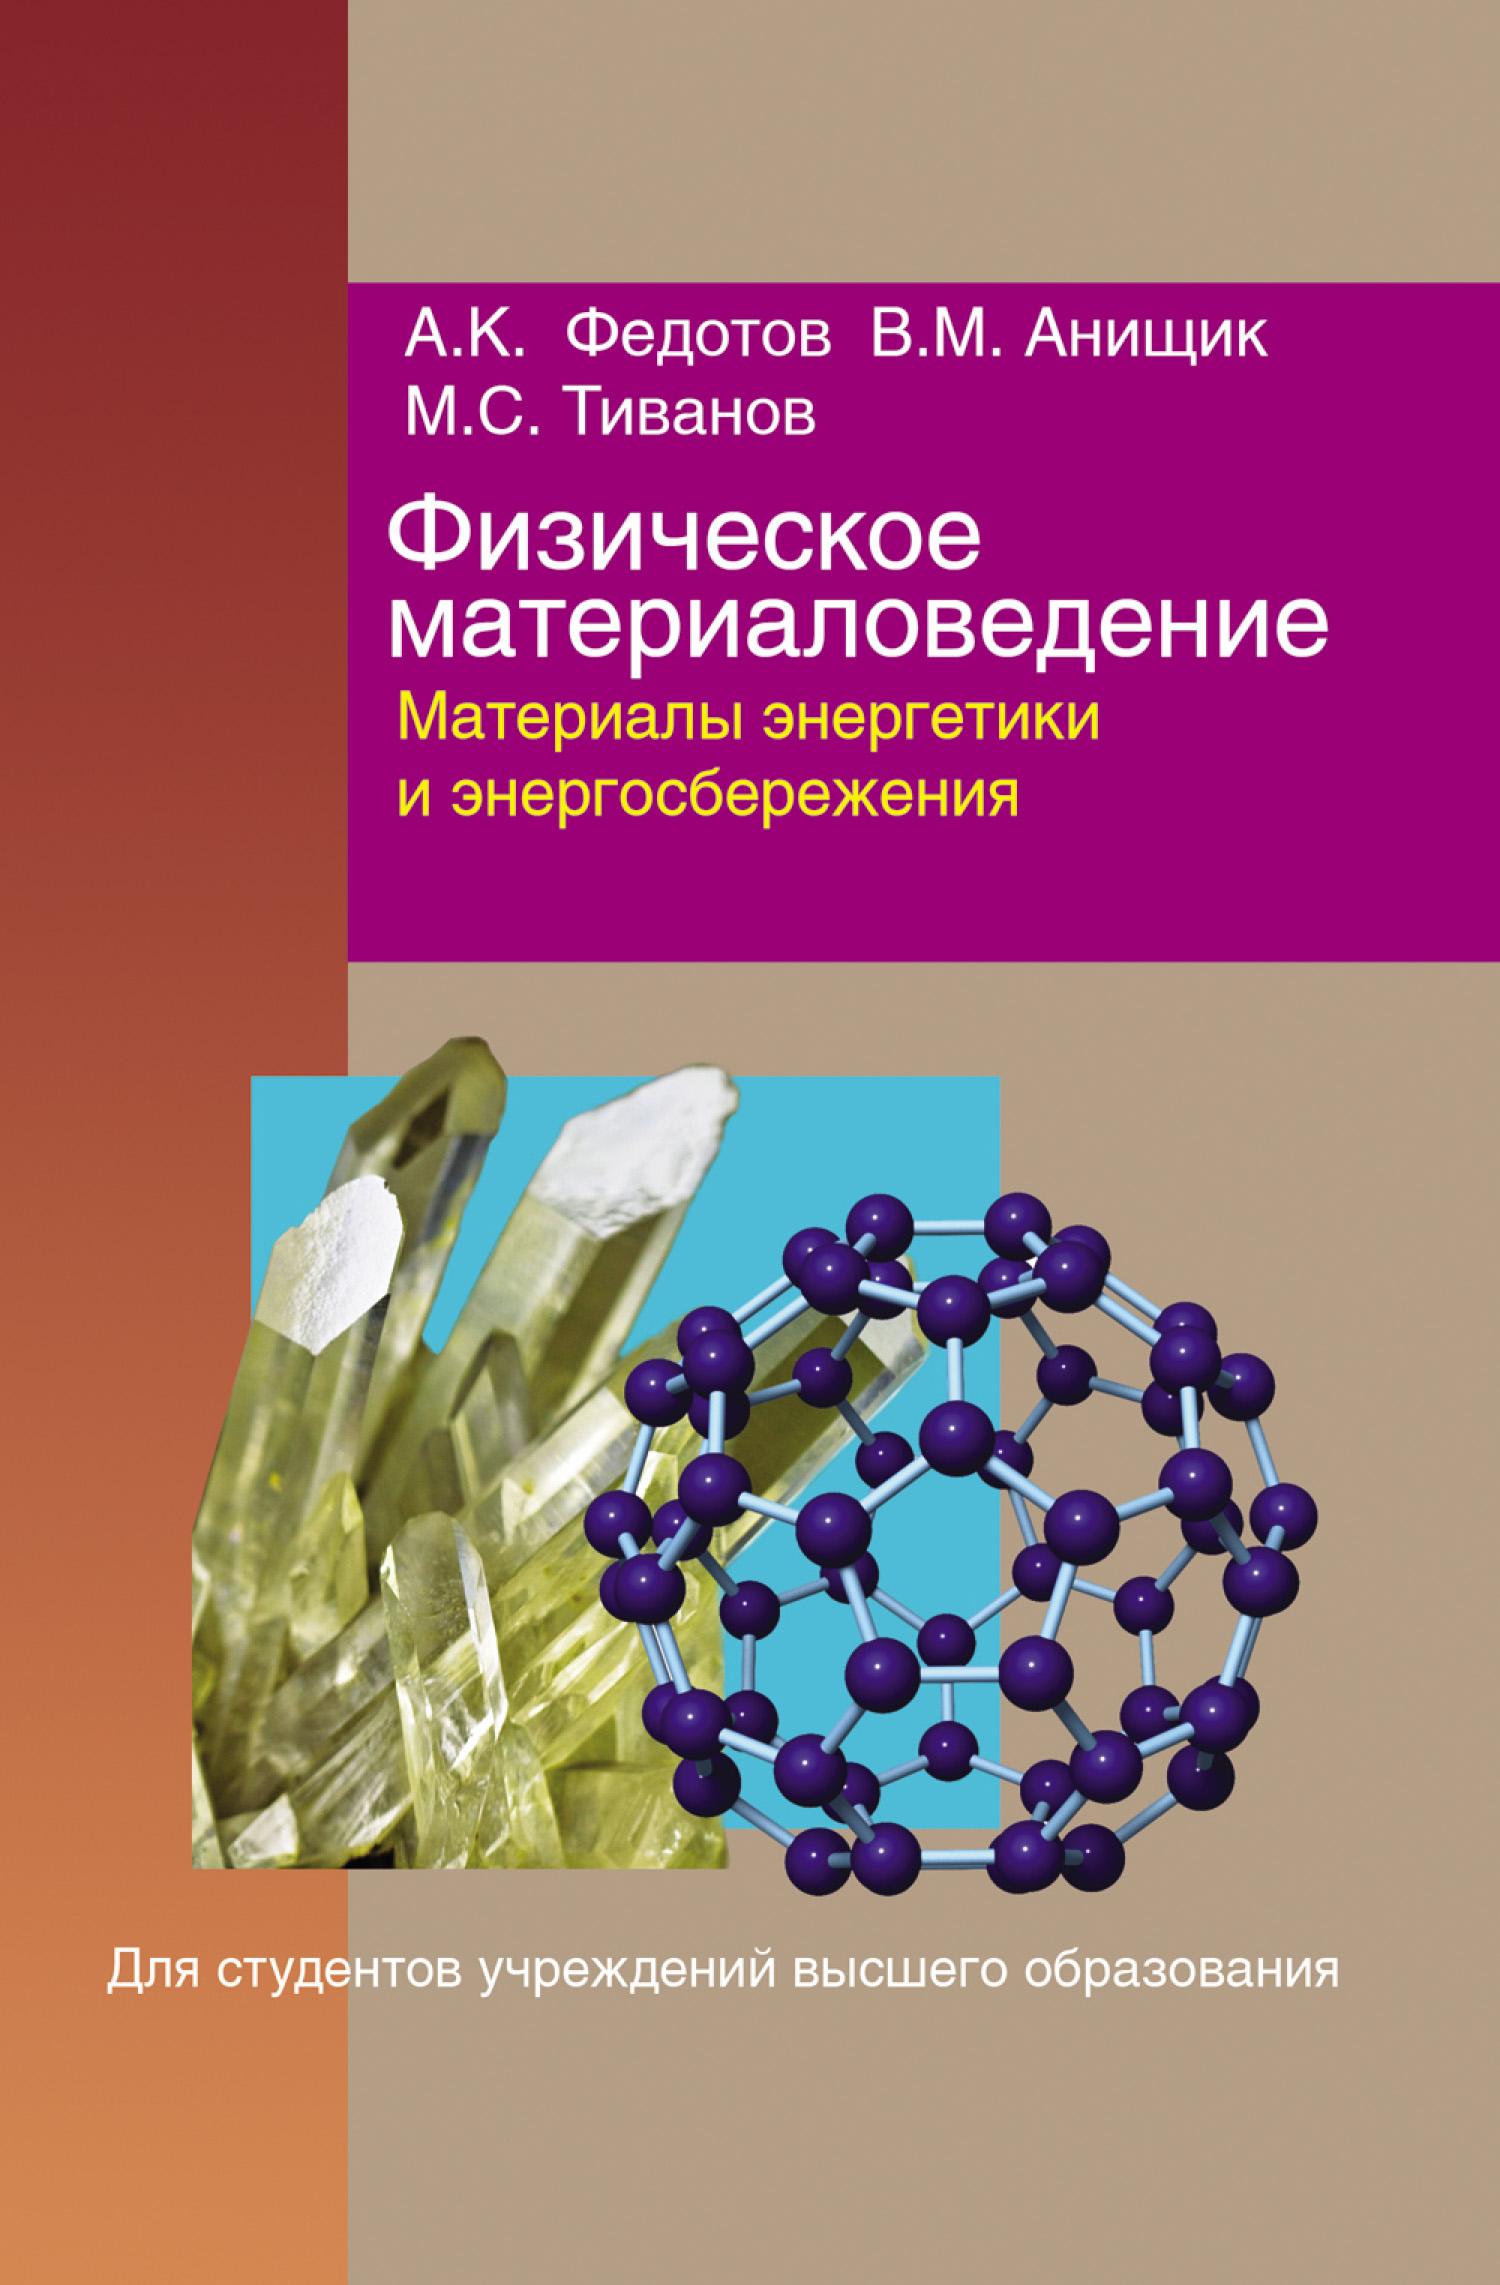 Александр Федотов Физическое материаловедение. Часть 3. Материалы энергетики и энергосбережения